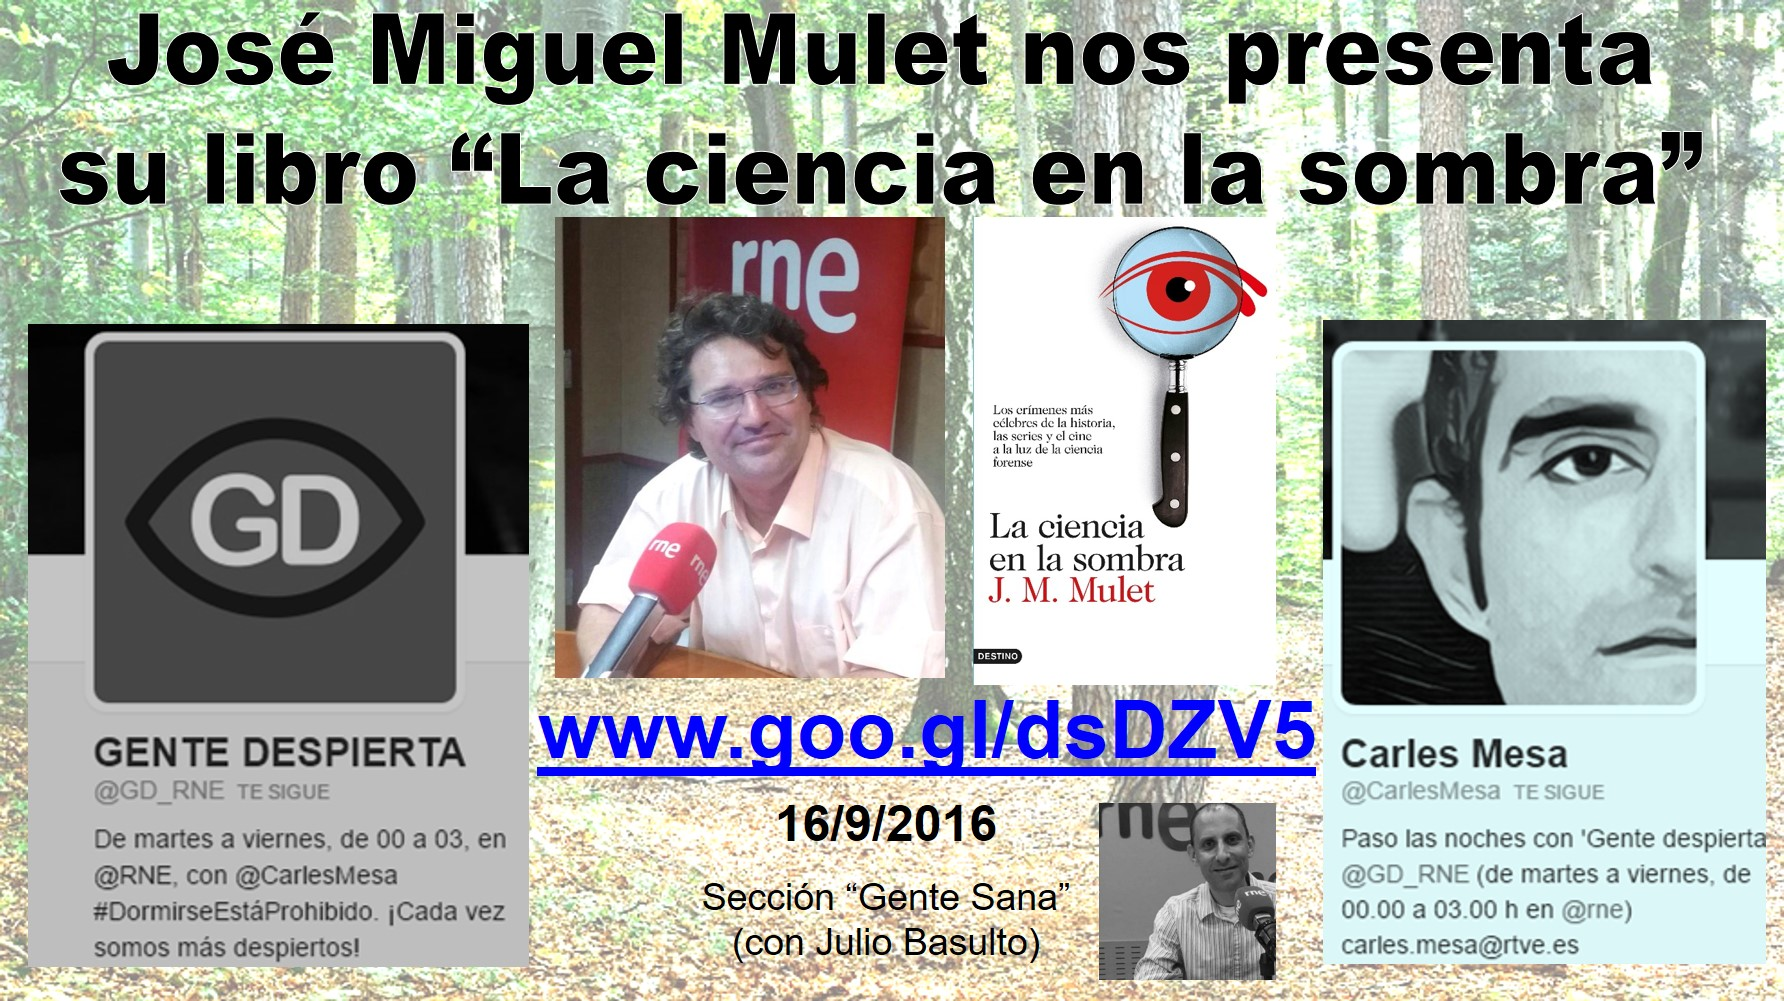 """José Miguel Mulet nos presenta su libro """"La ciencia en la sombra"""" (#GenteSana-#GenteDespierta-RNE, 16/9/2016)"""